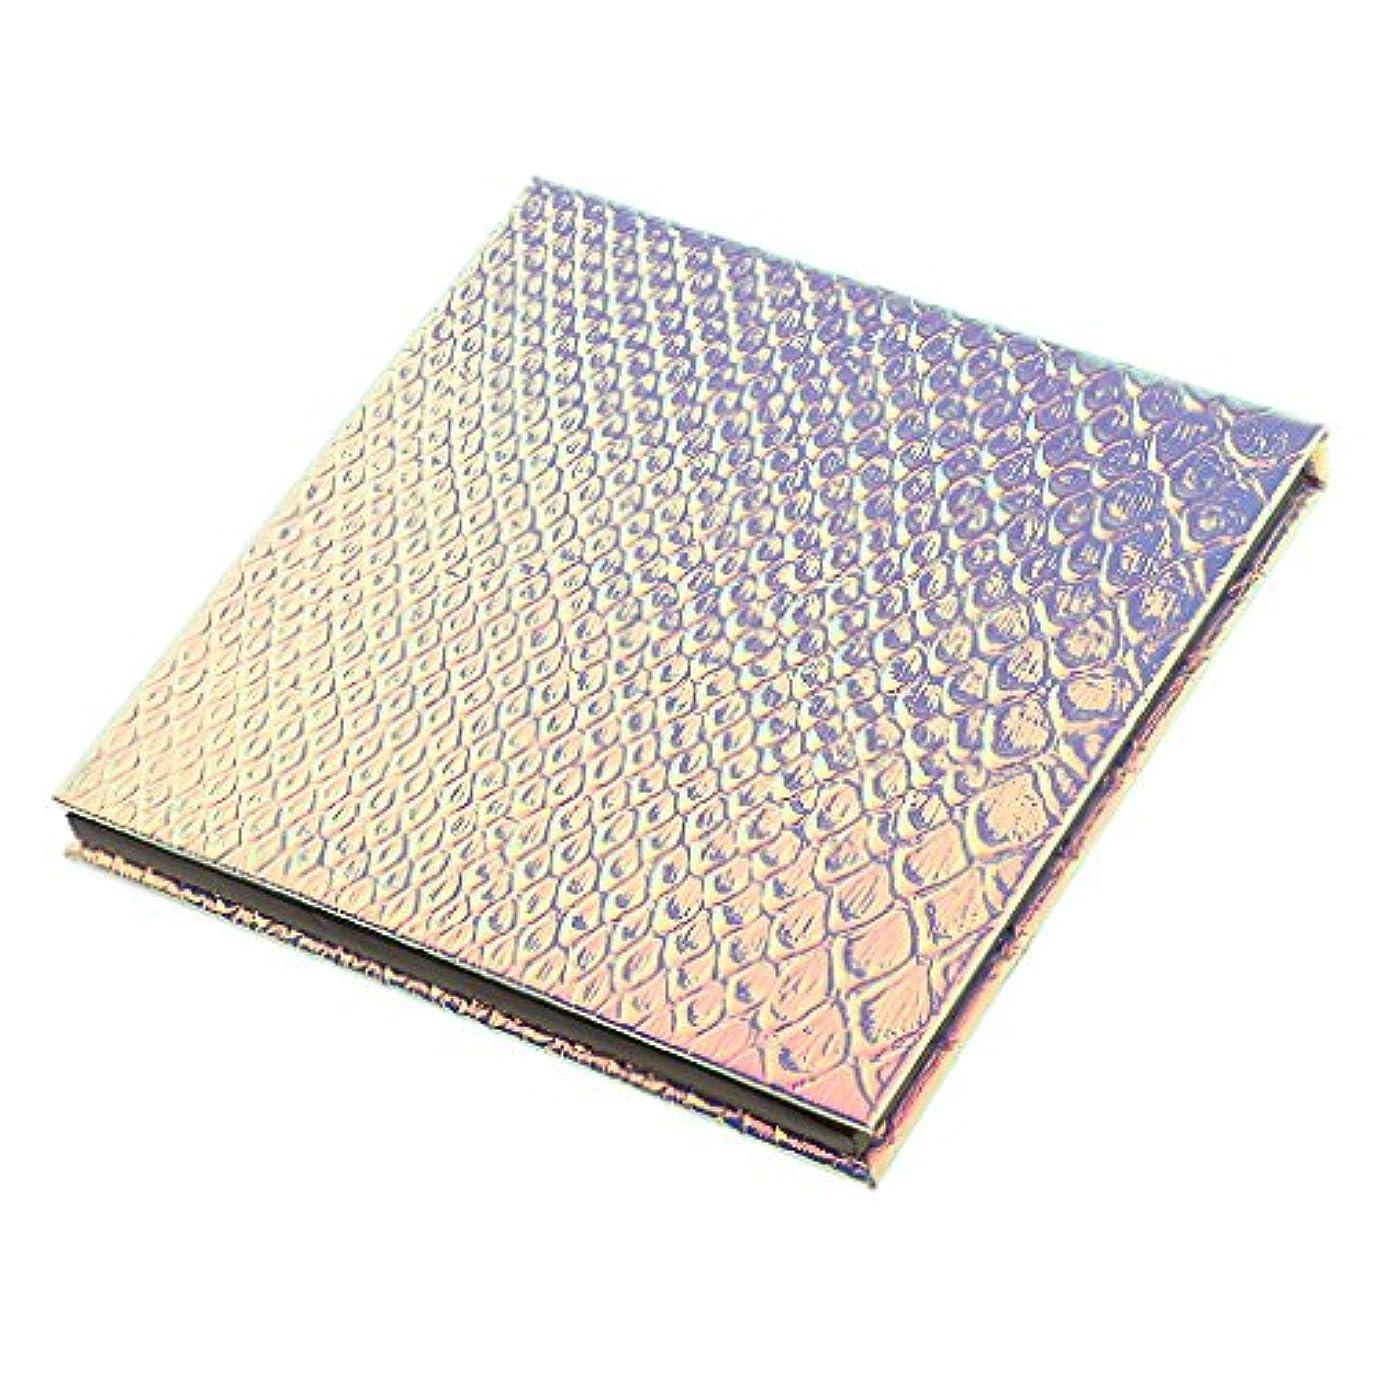 破産受粉者ボルトBaosity 磁気パレットボックス 空の磁気パレット メイクアップ 化粧 コスメ 収納 ボックス 全2サイズ選べ - 10x10cm